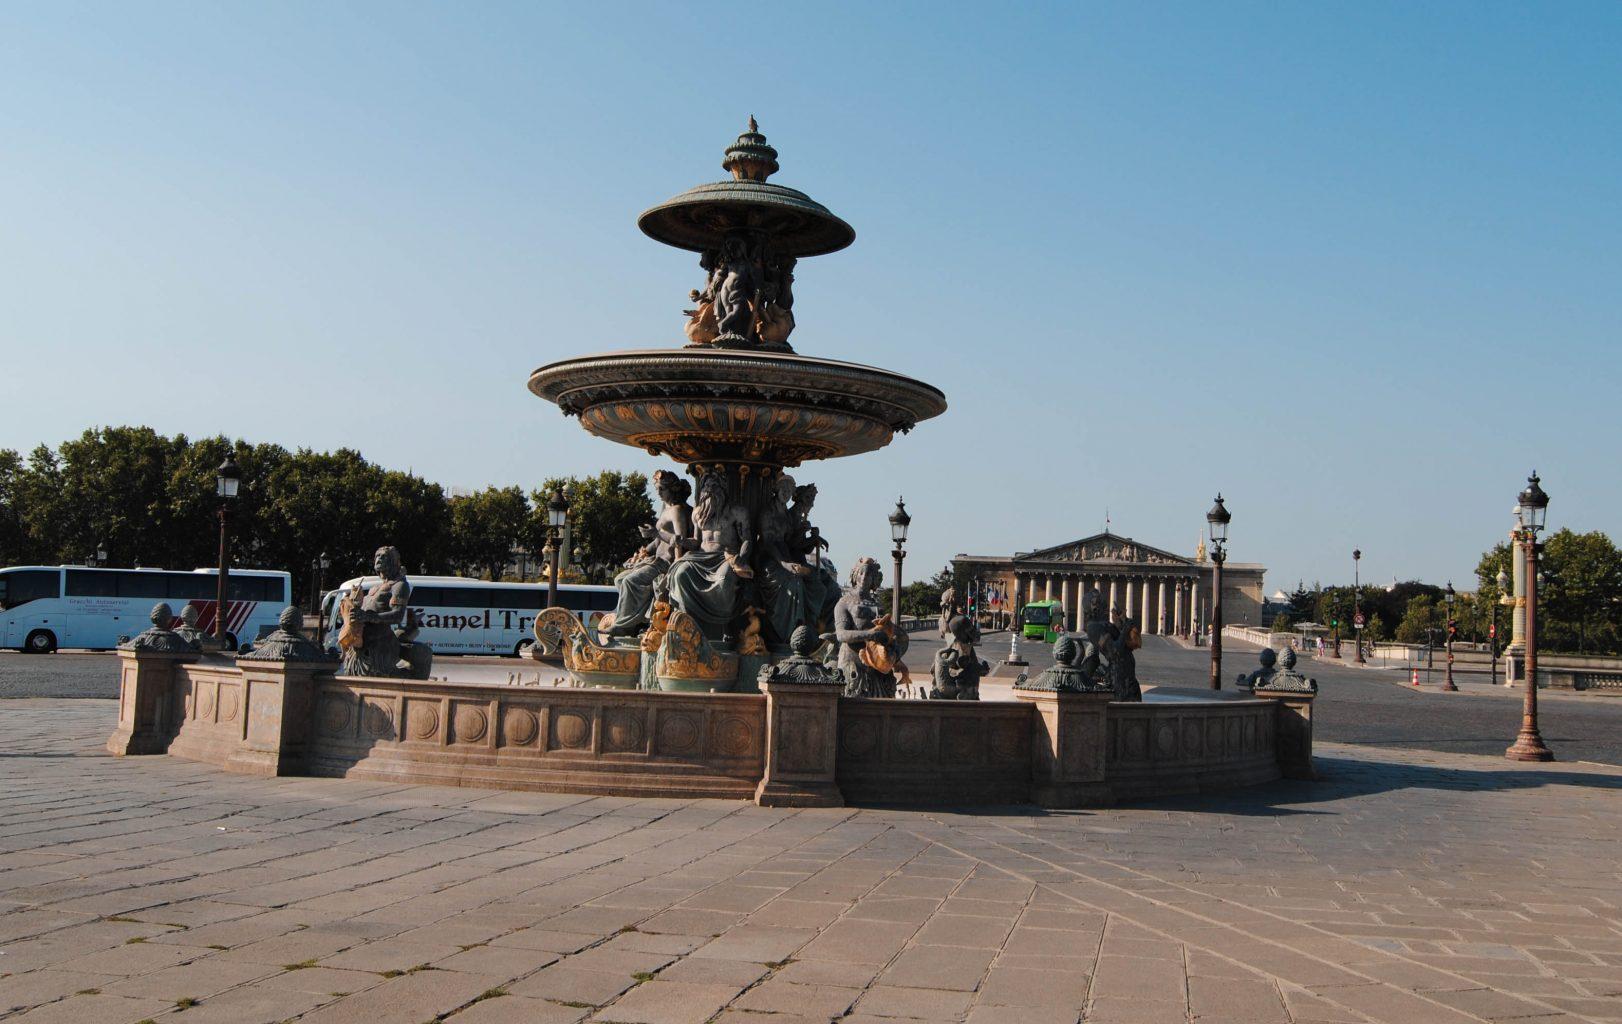 Fuentes plaza de la Concordia. qué ver en París